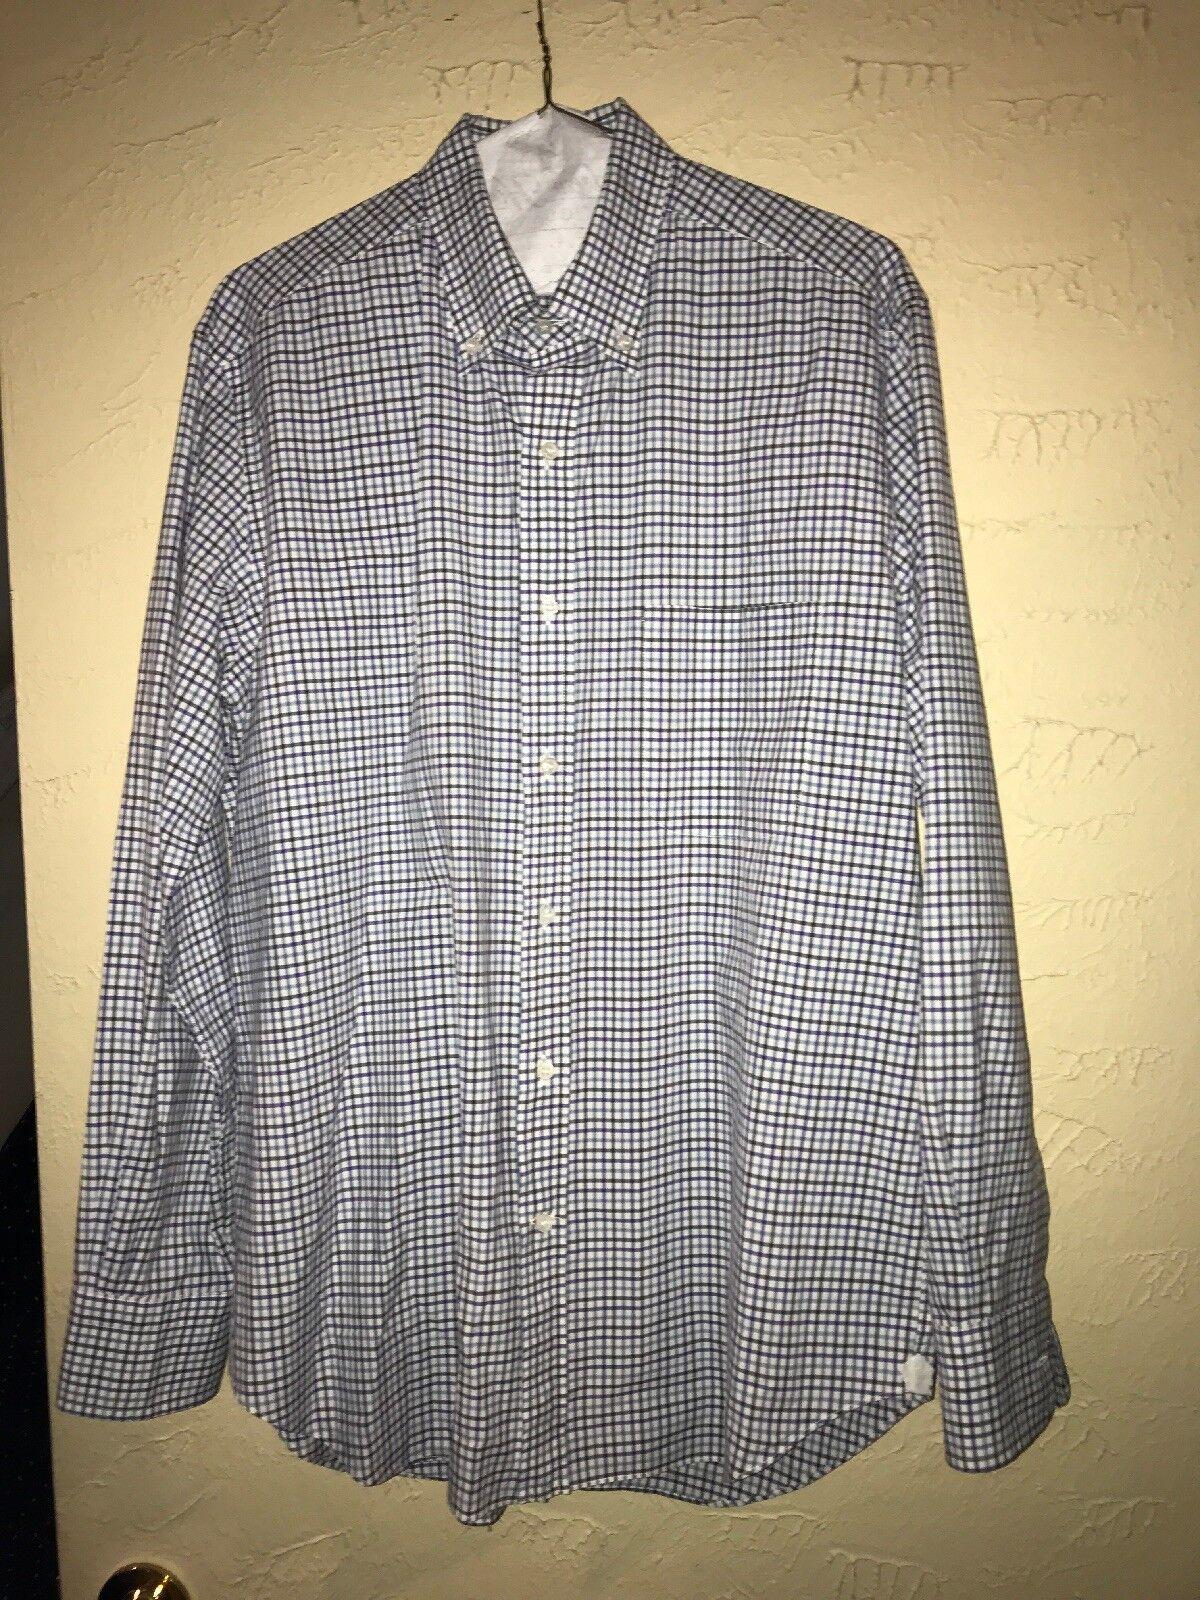 Lgold Piana Button Down Shirt Sz Large Plaid  100% Cotton